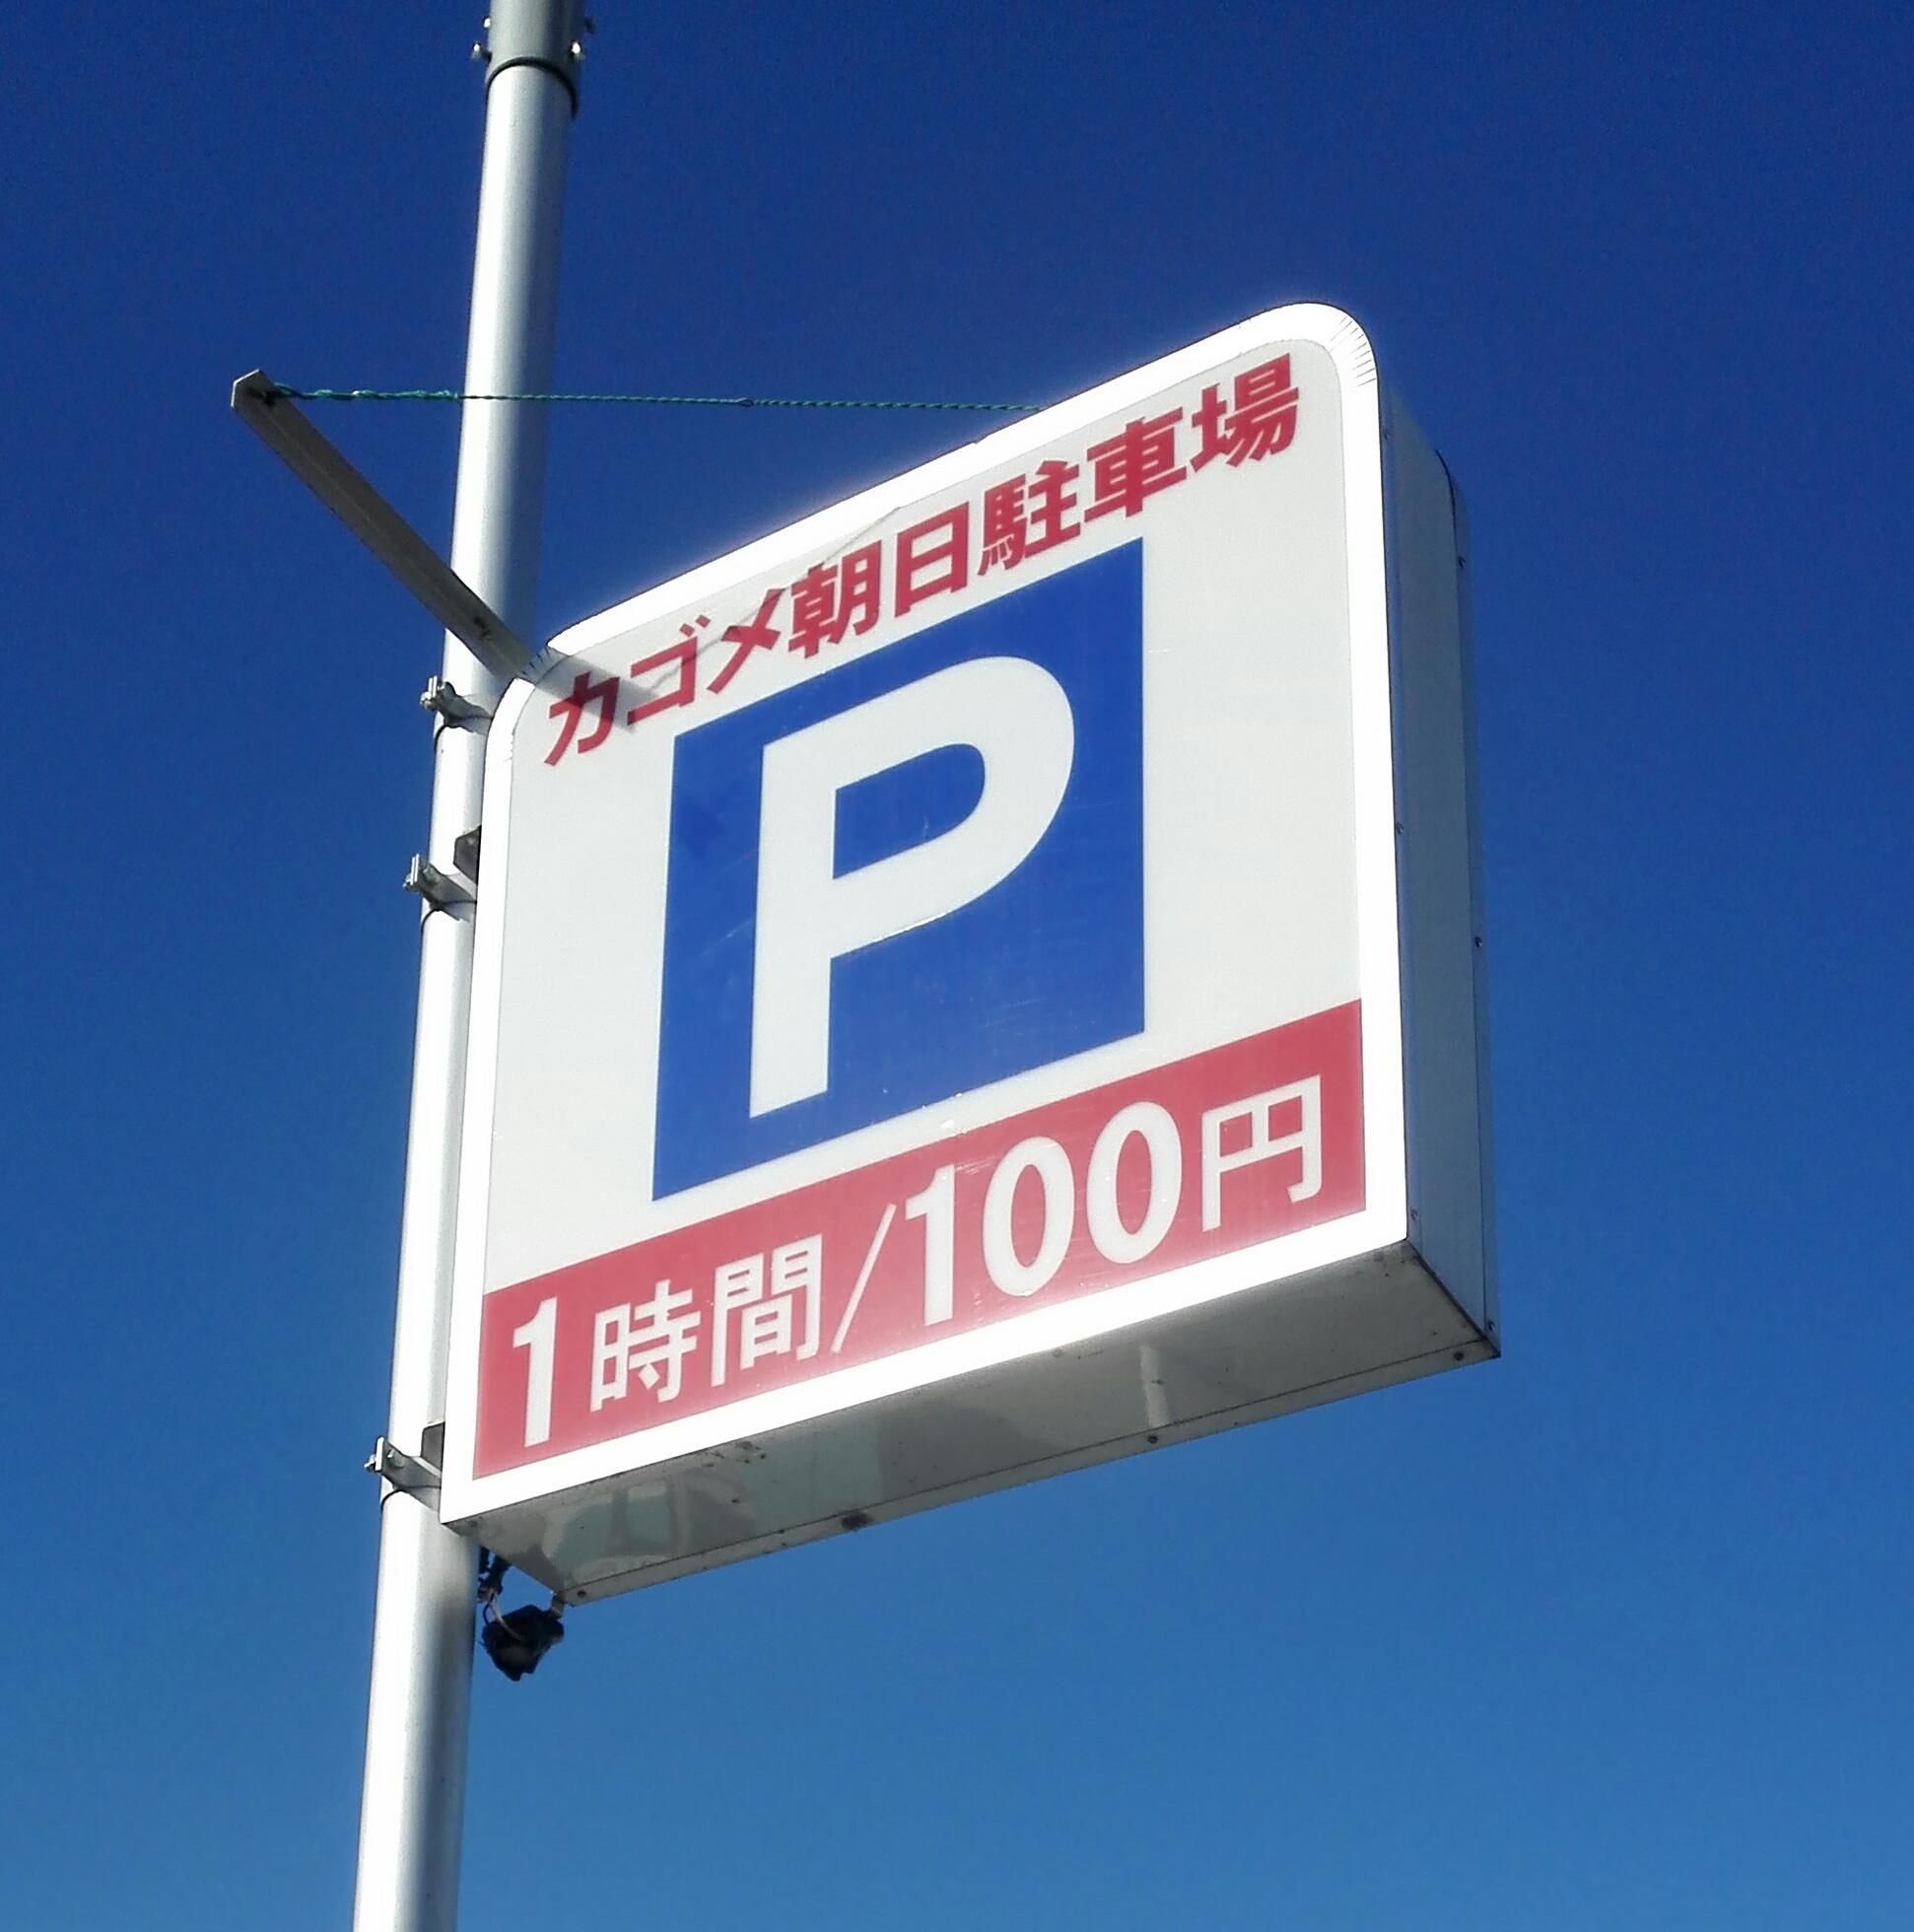 スバル期間工は自家用車持ち込み可能!各寮で異なる駐車スペース事情とその料金